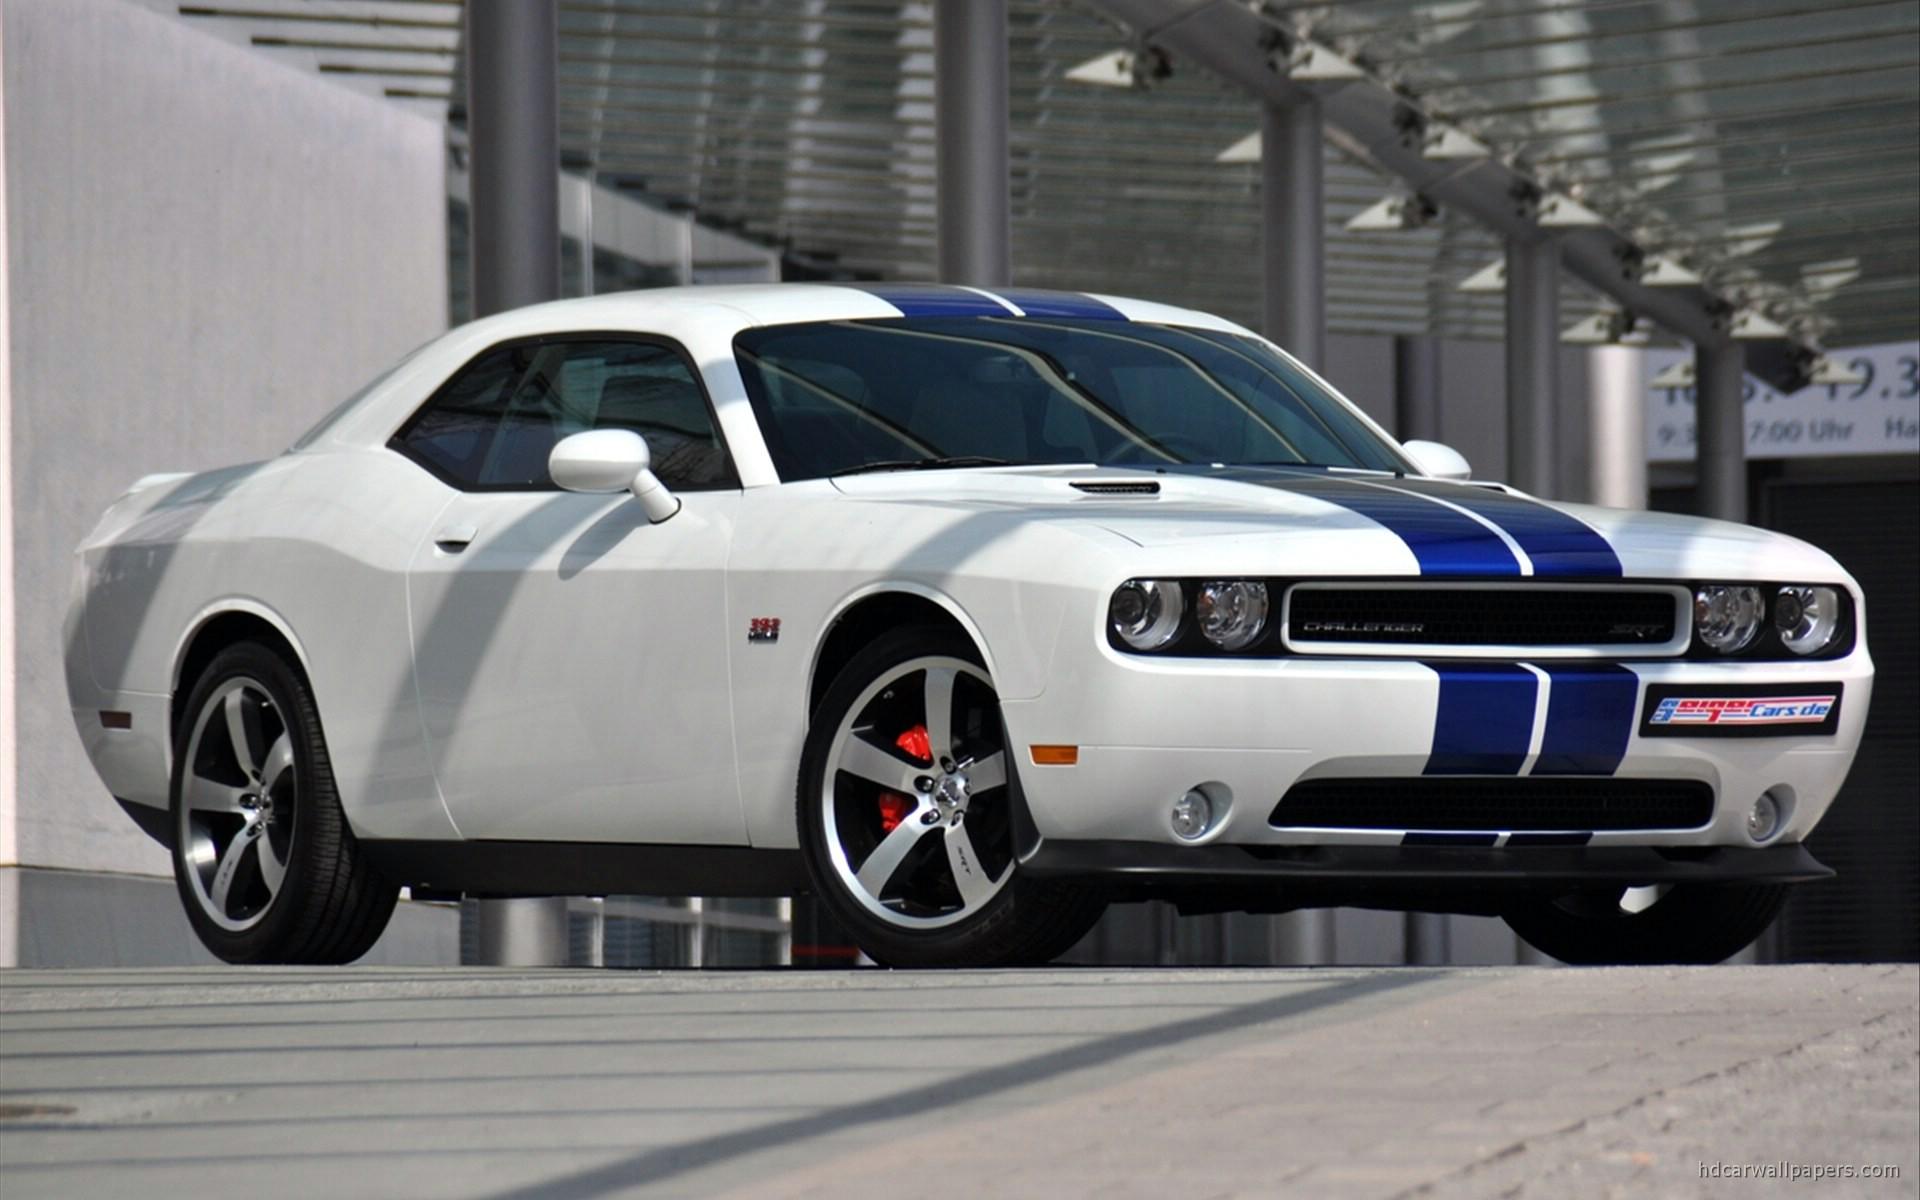 2011 Dodge Challenger Srt8 Wallpaper Hd Car Wallpapers